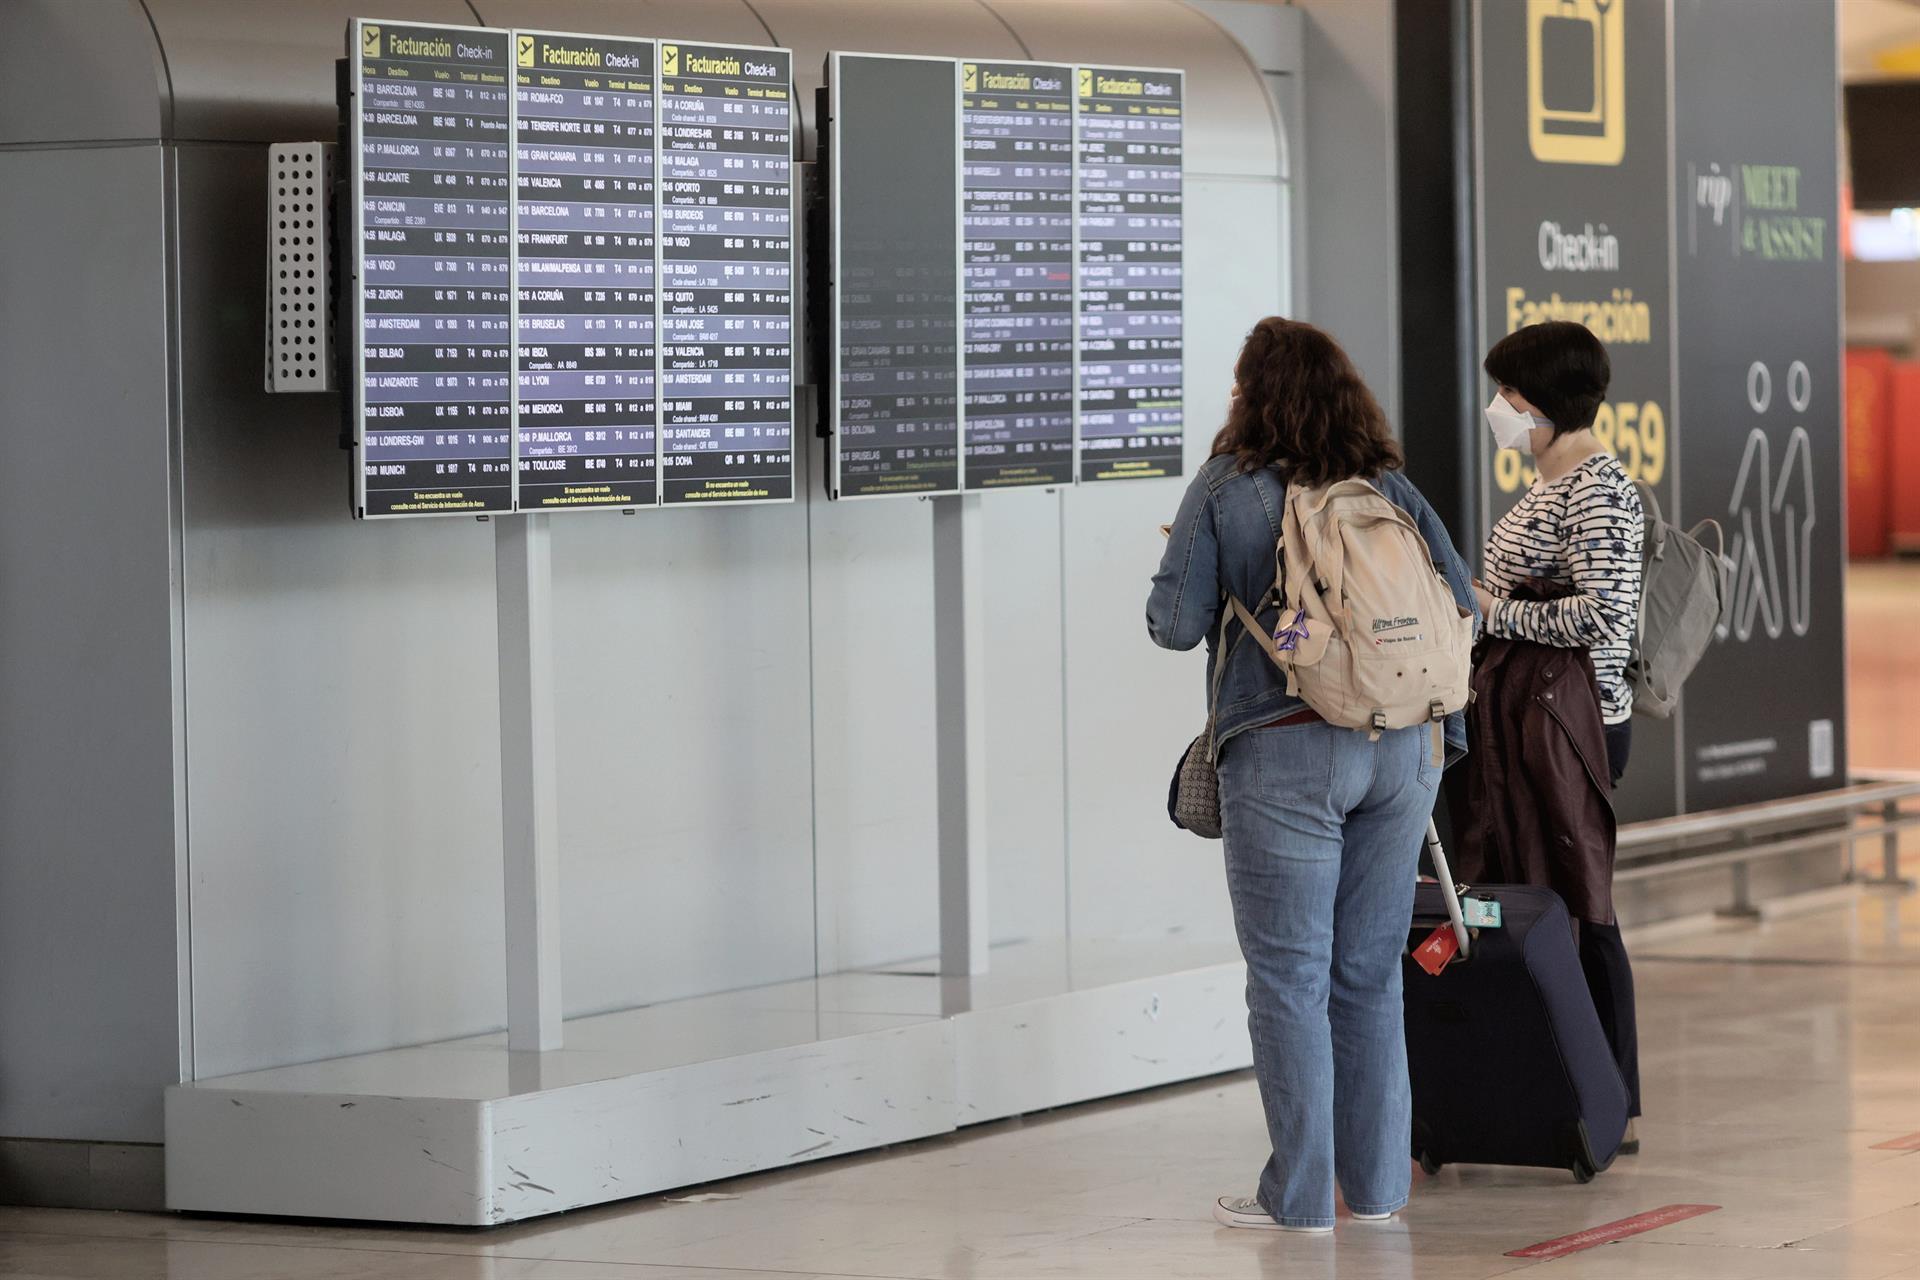 Sanidad amplía desde este lunes las pruebas diagnósticas en los controles sanitarios para acceder a España